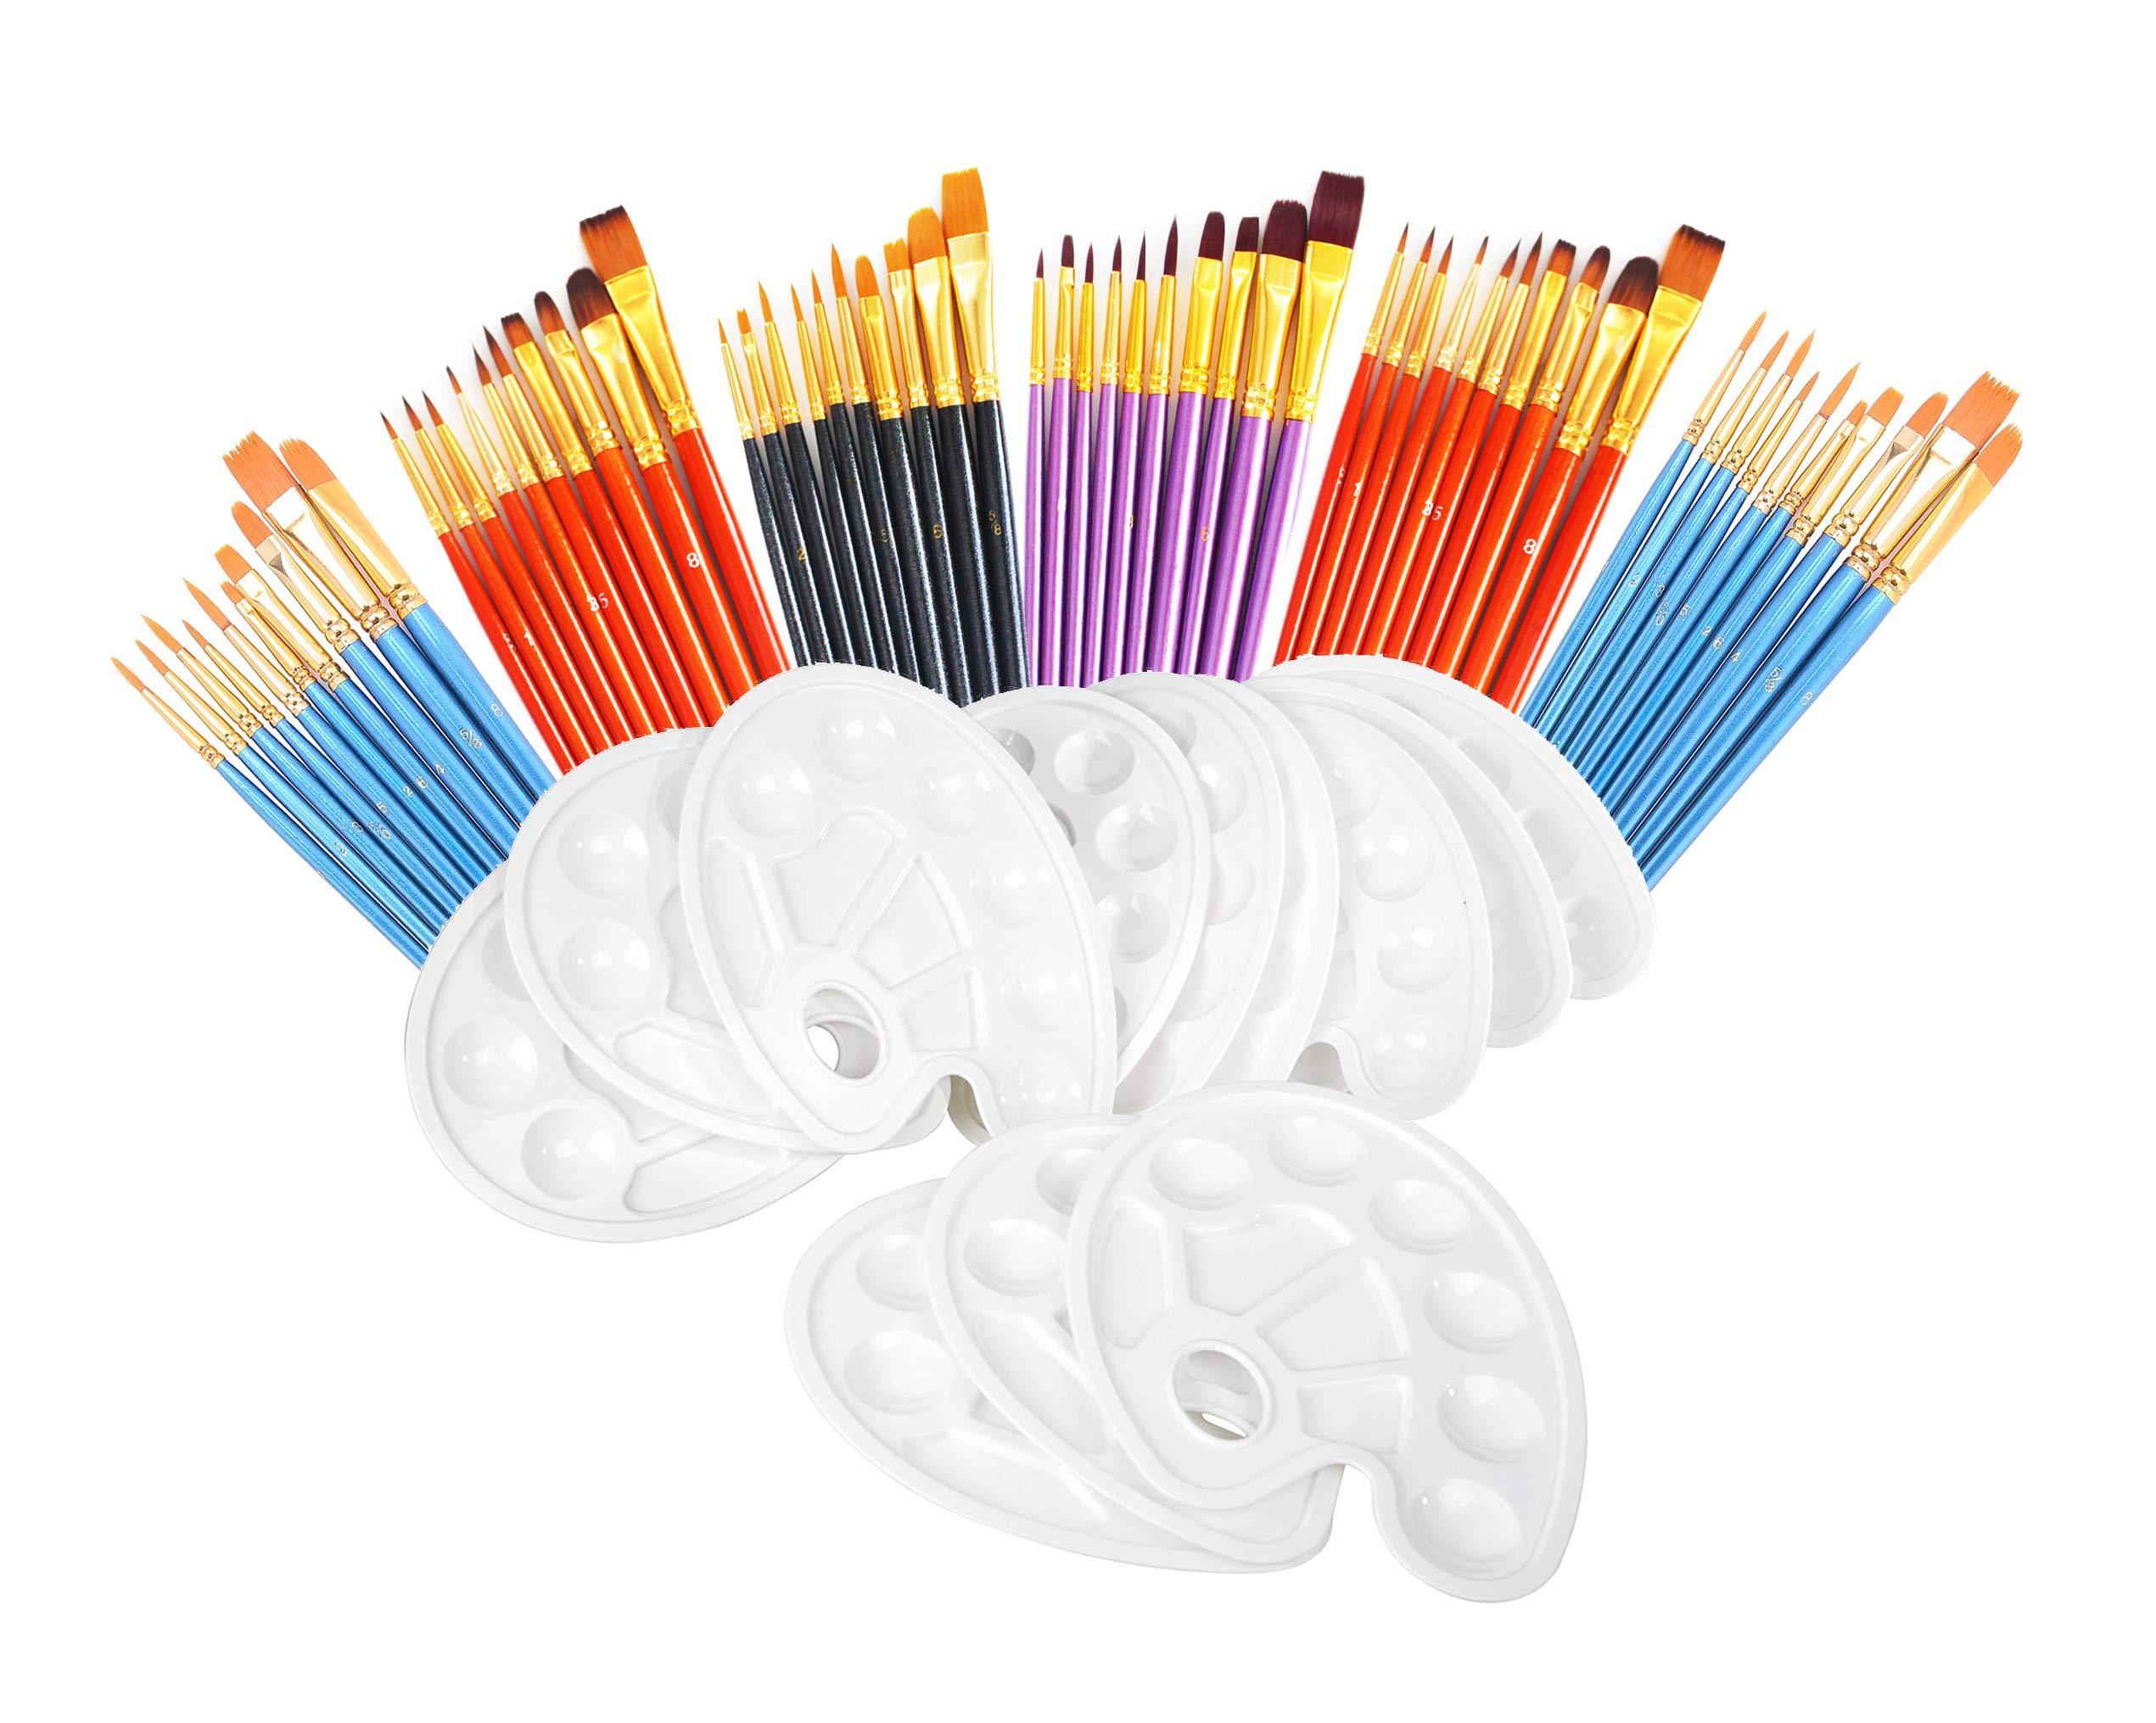 S & E TEACHER'S EDITION 72 Pcs Paint Brush Set, 60 Pcs Paint Brushes with 12 Pcs Palettes for Kids or Adults to Create Art Paint by S & E TEACHER'S EDITION